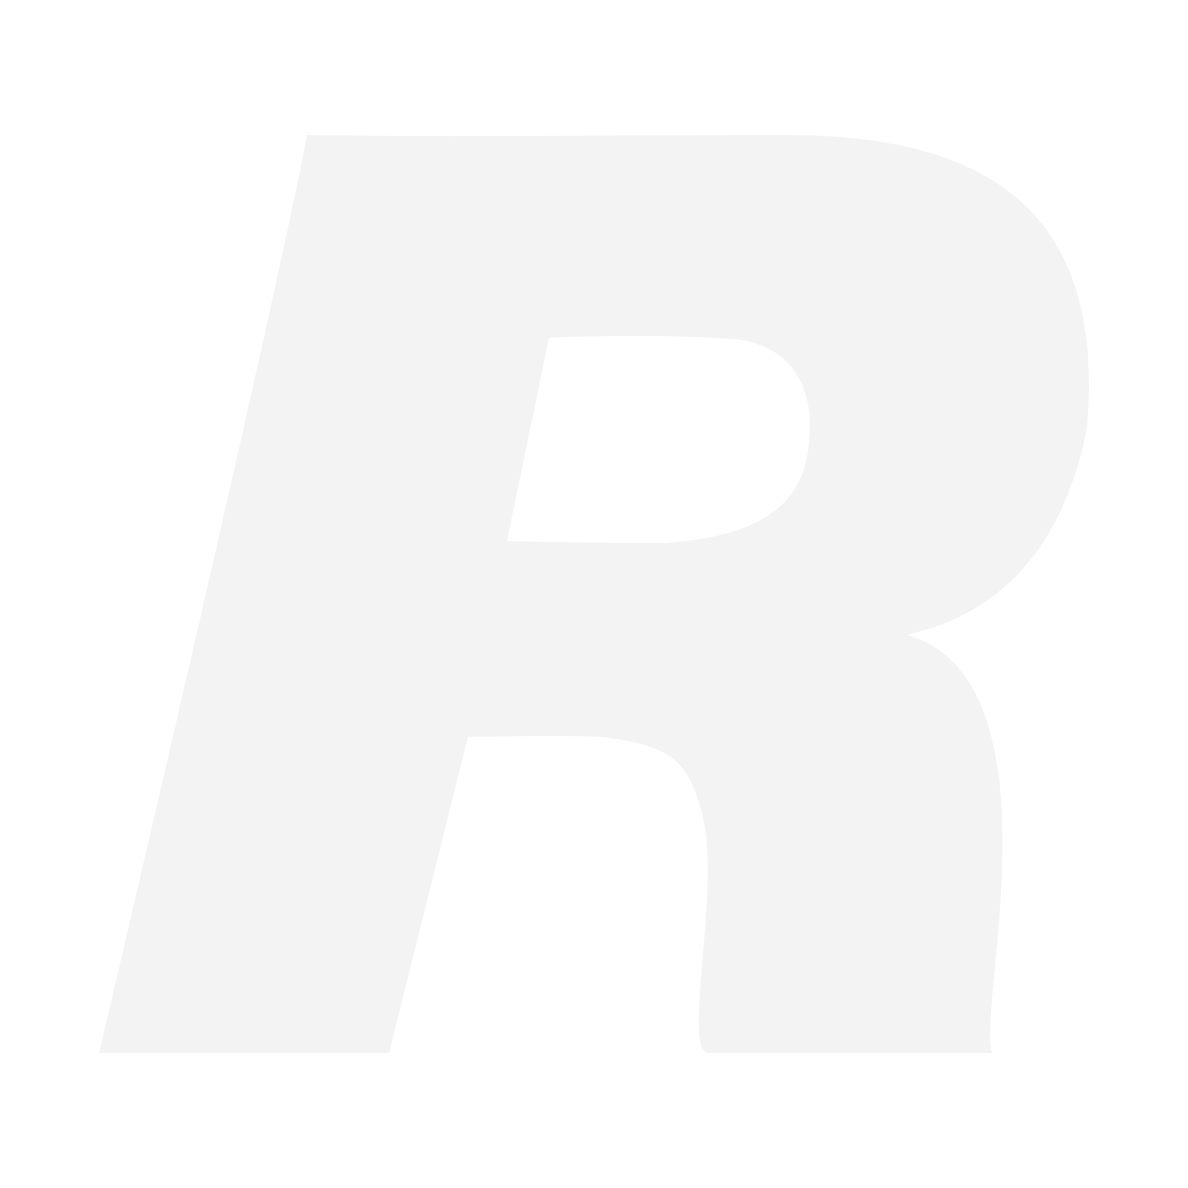 Sony A7R Mark II + FE 28-70/3.5-5.6 OSS + HVL-60M